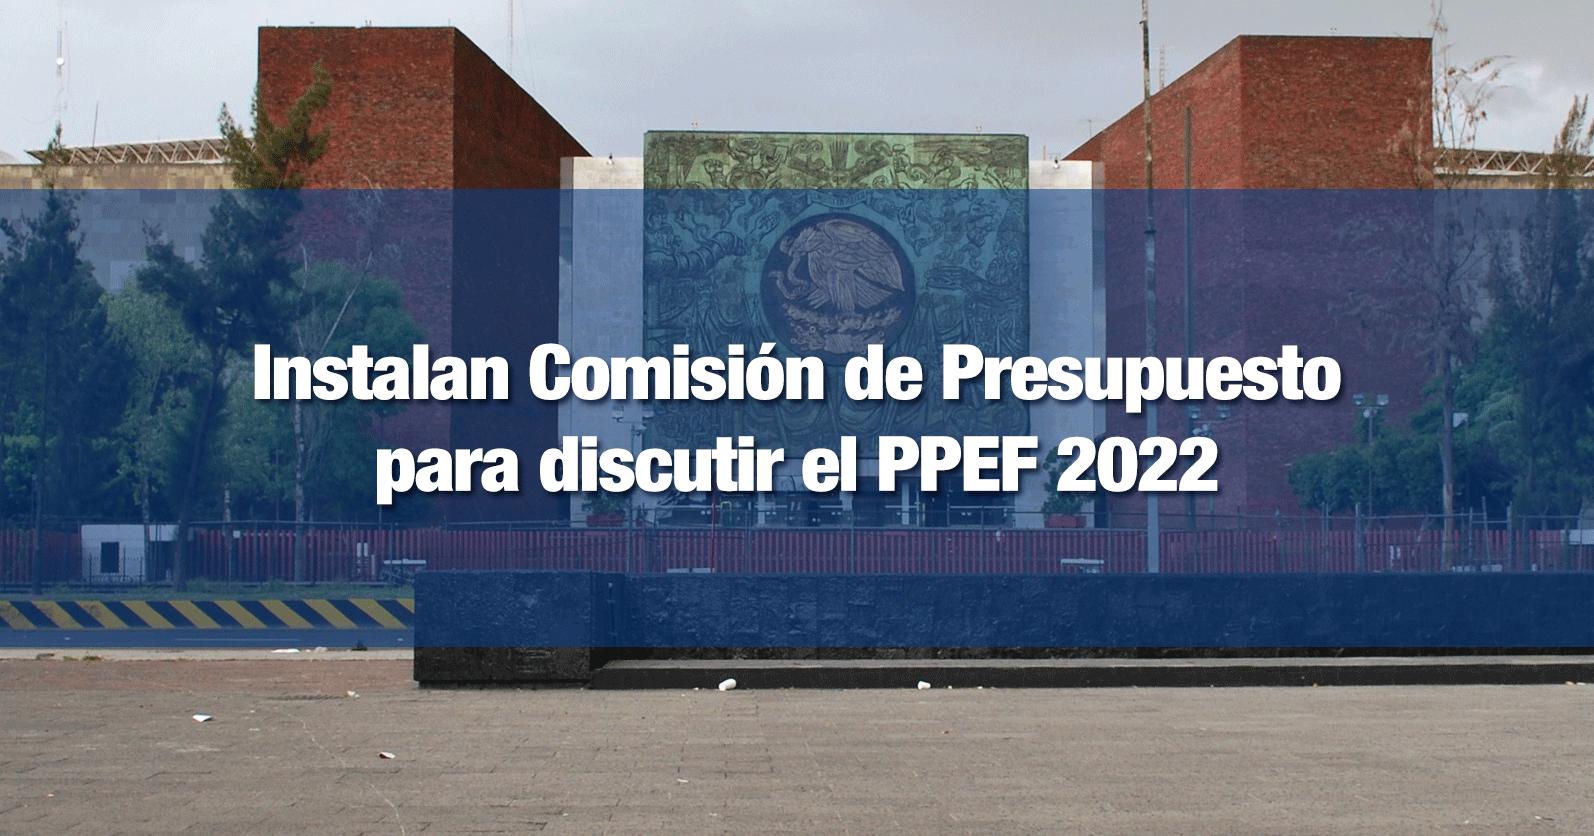 Instalan Comisión de Presupuesto para discutir el PPEF 2022